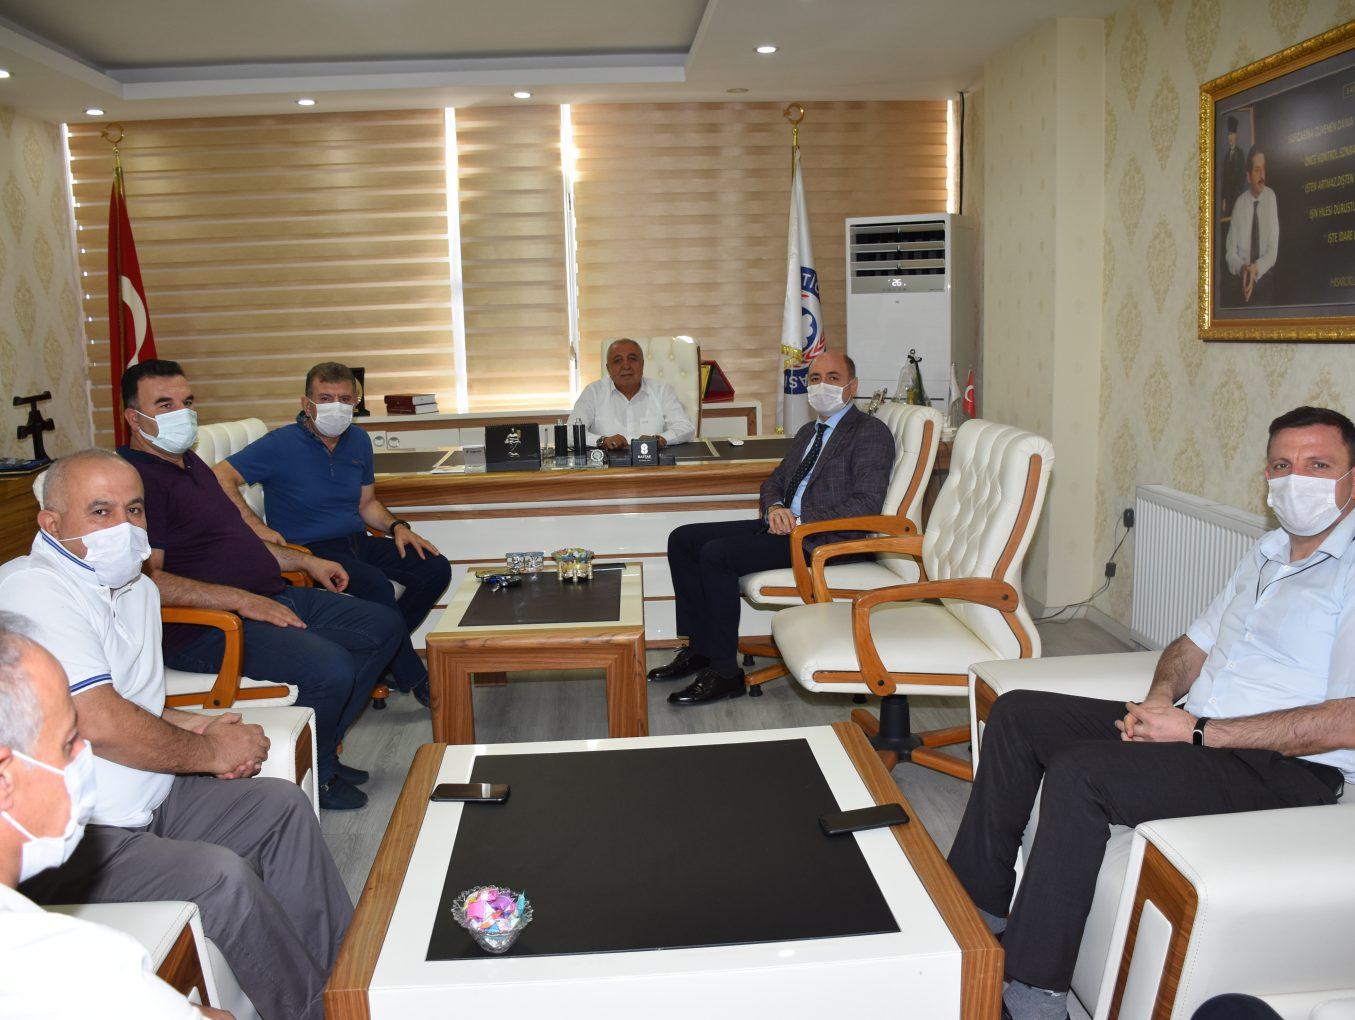 'Mesleki Eğitim İşbirliği Projesi' İl Yürütme Kurulu Toplantısı Yapıldı 01.10.2020